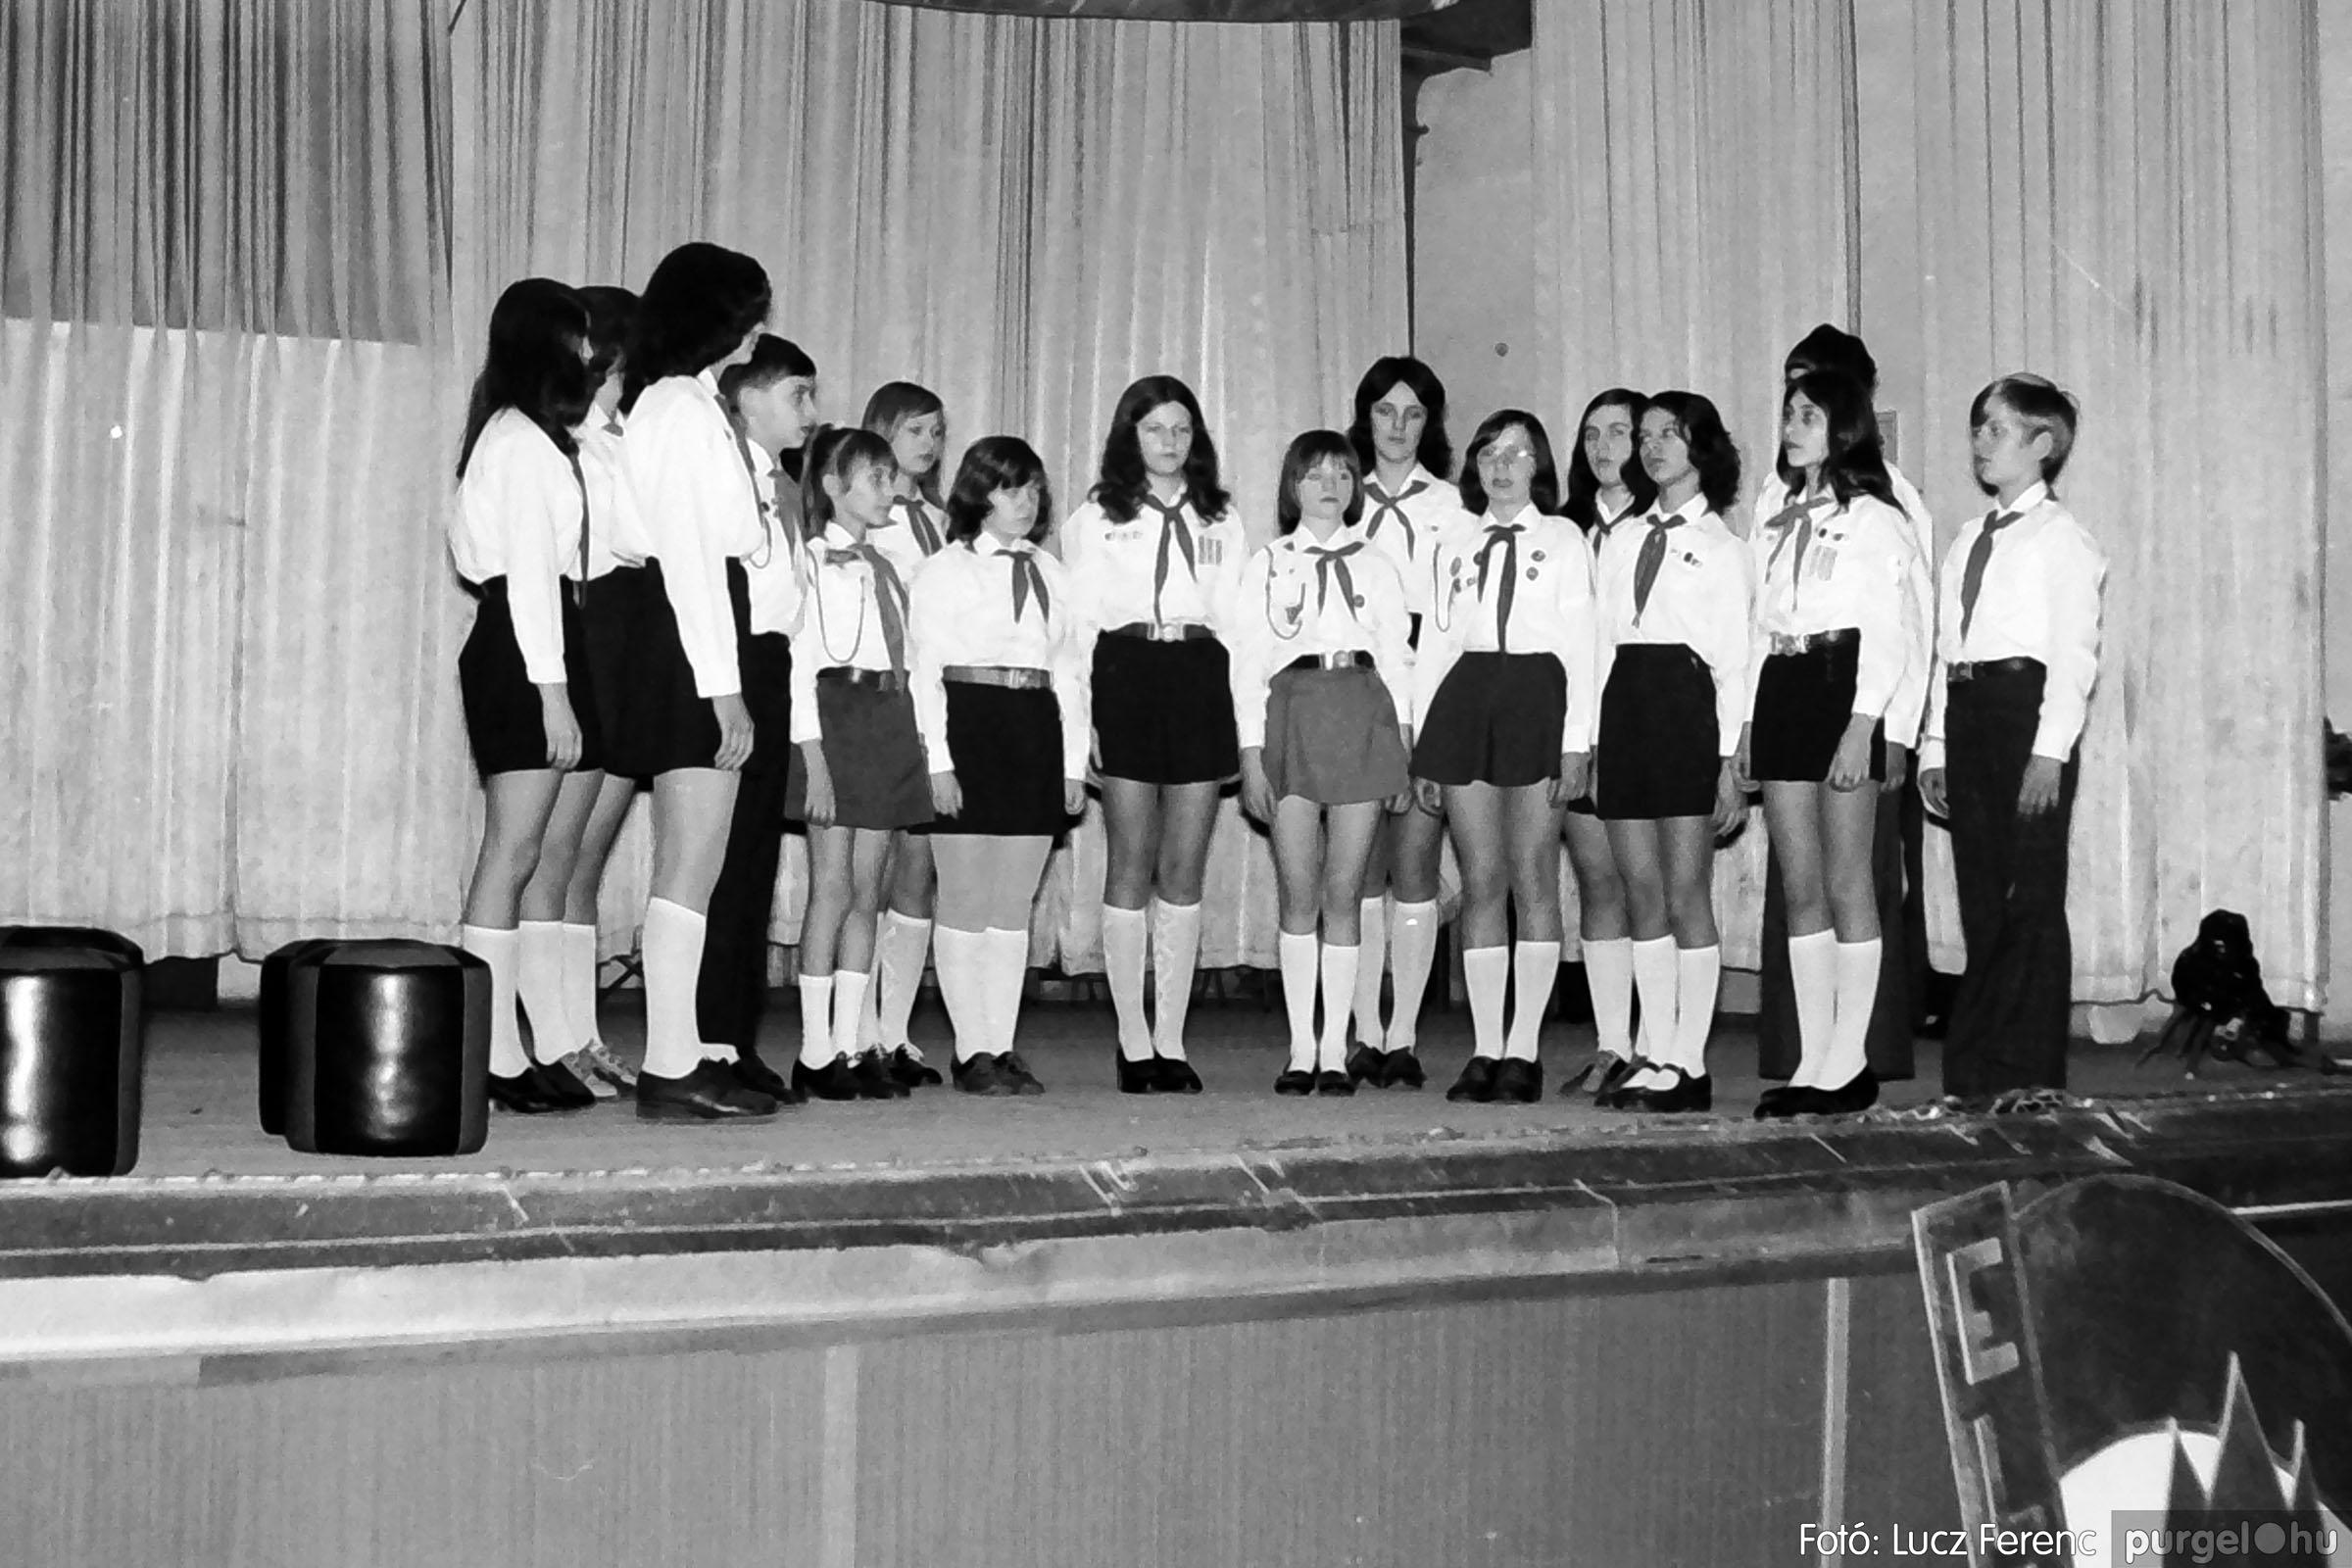 036-037. 1976. Diákprogram a kultúrházban 017 - Fotó: Lucz Ferenc.jpg